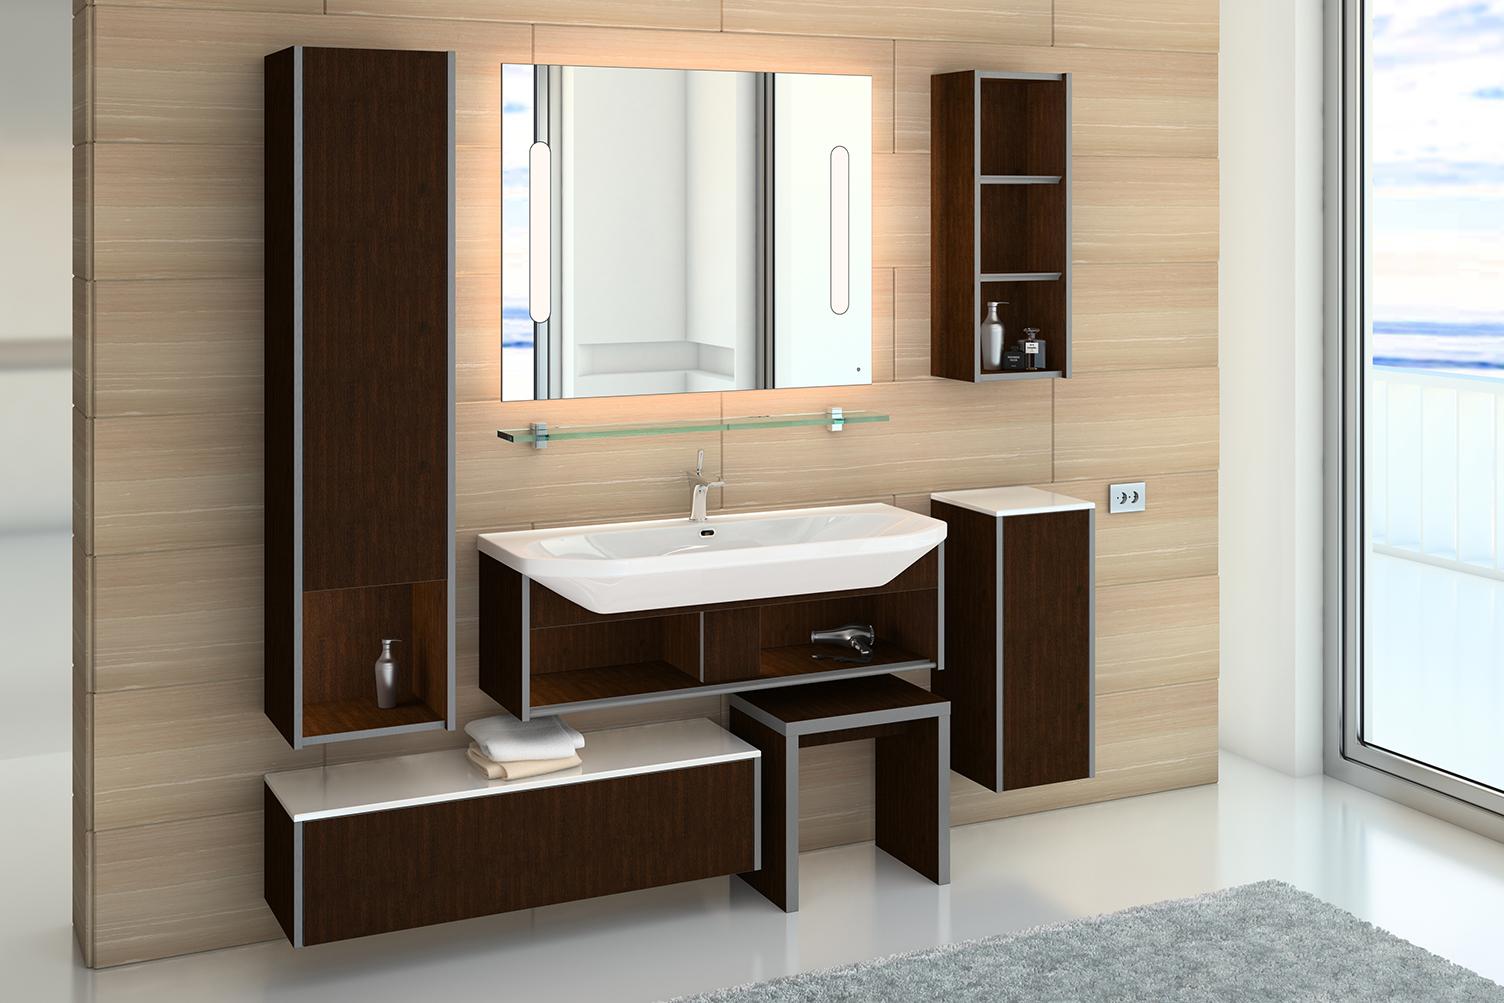 Выбор мебели для ванной комнаты фото2